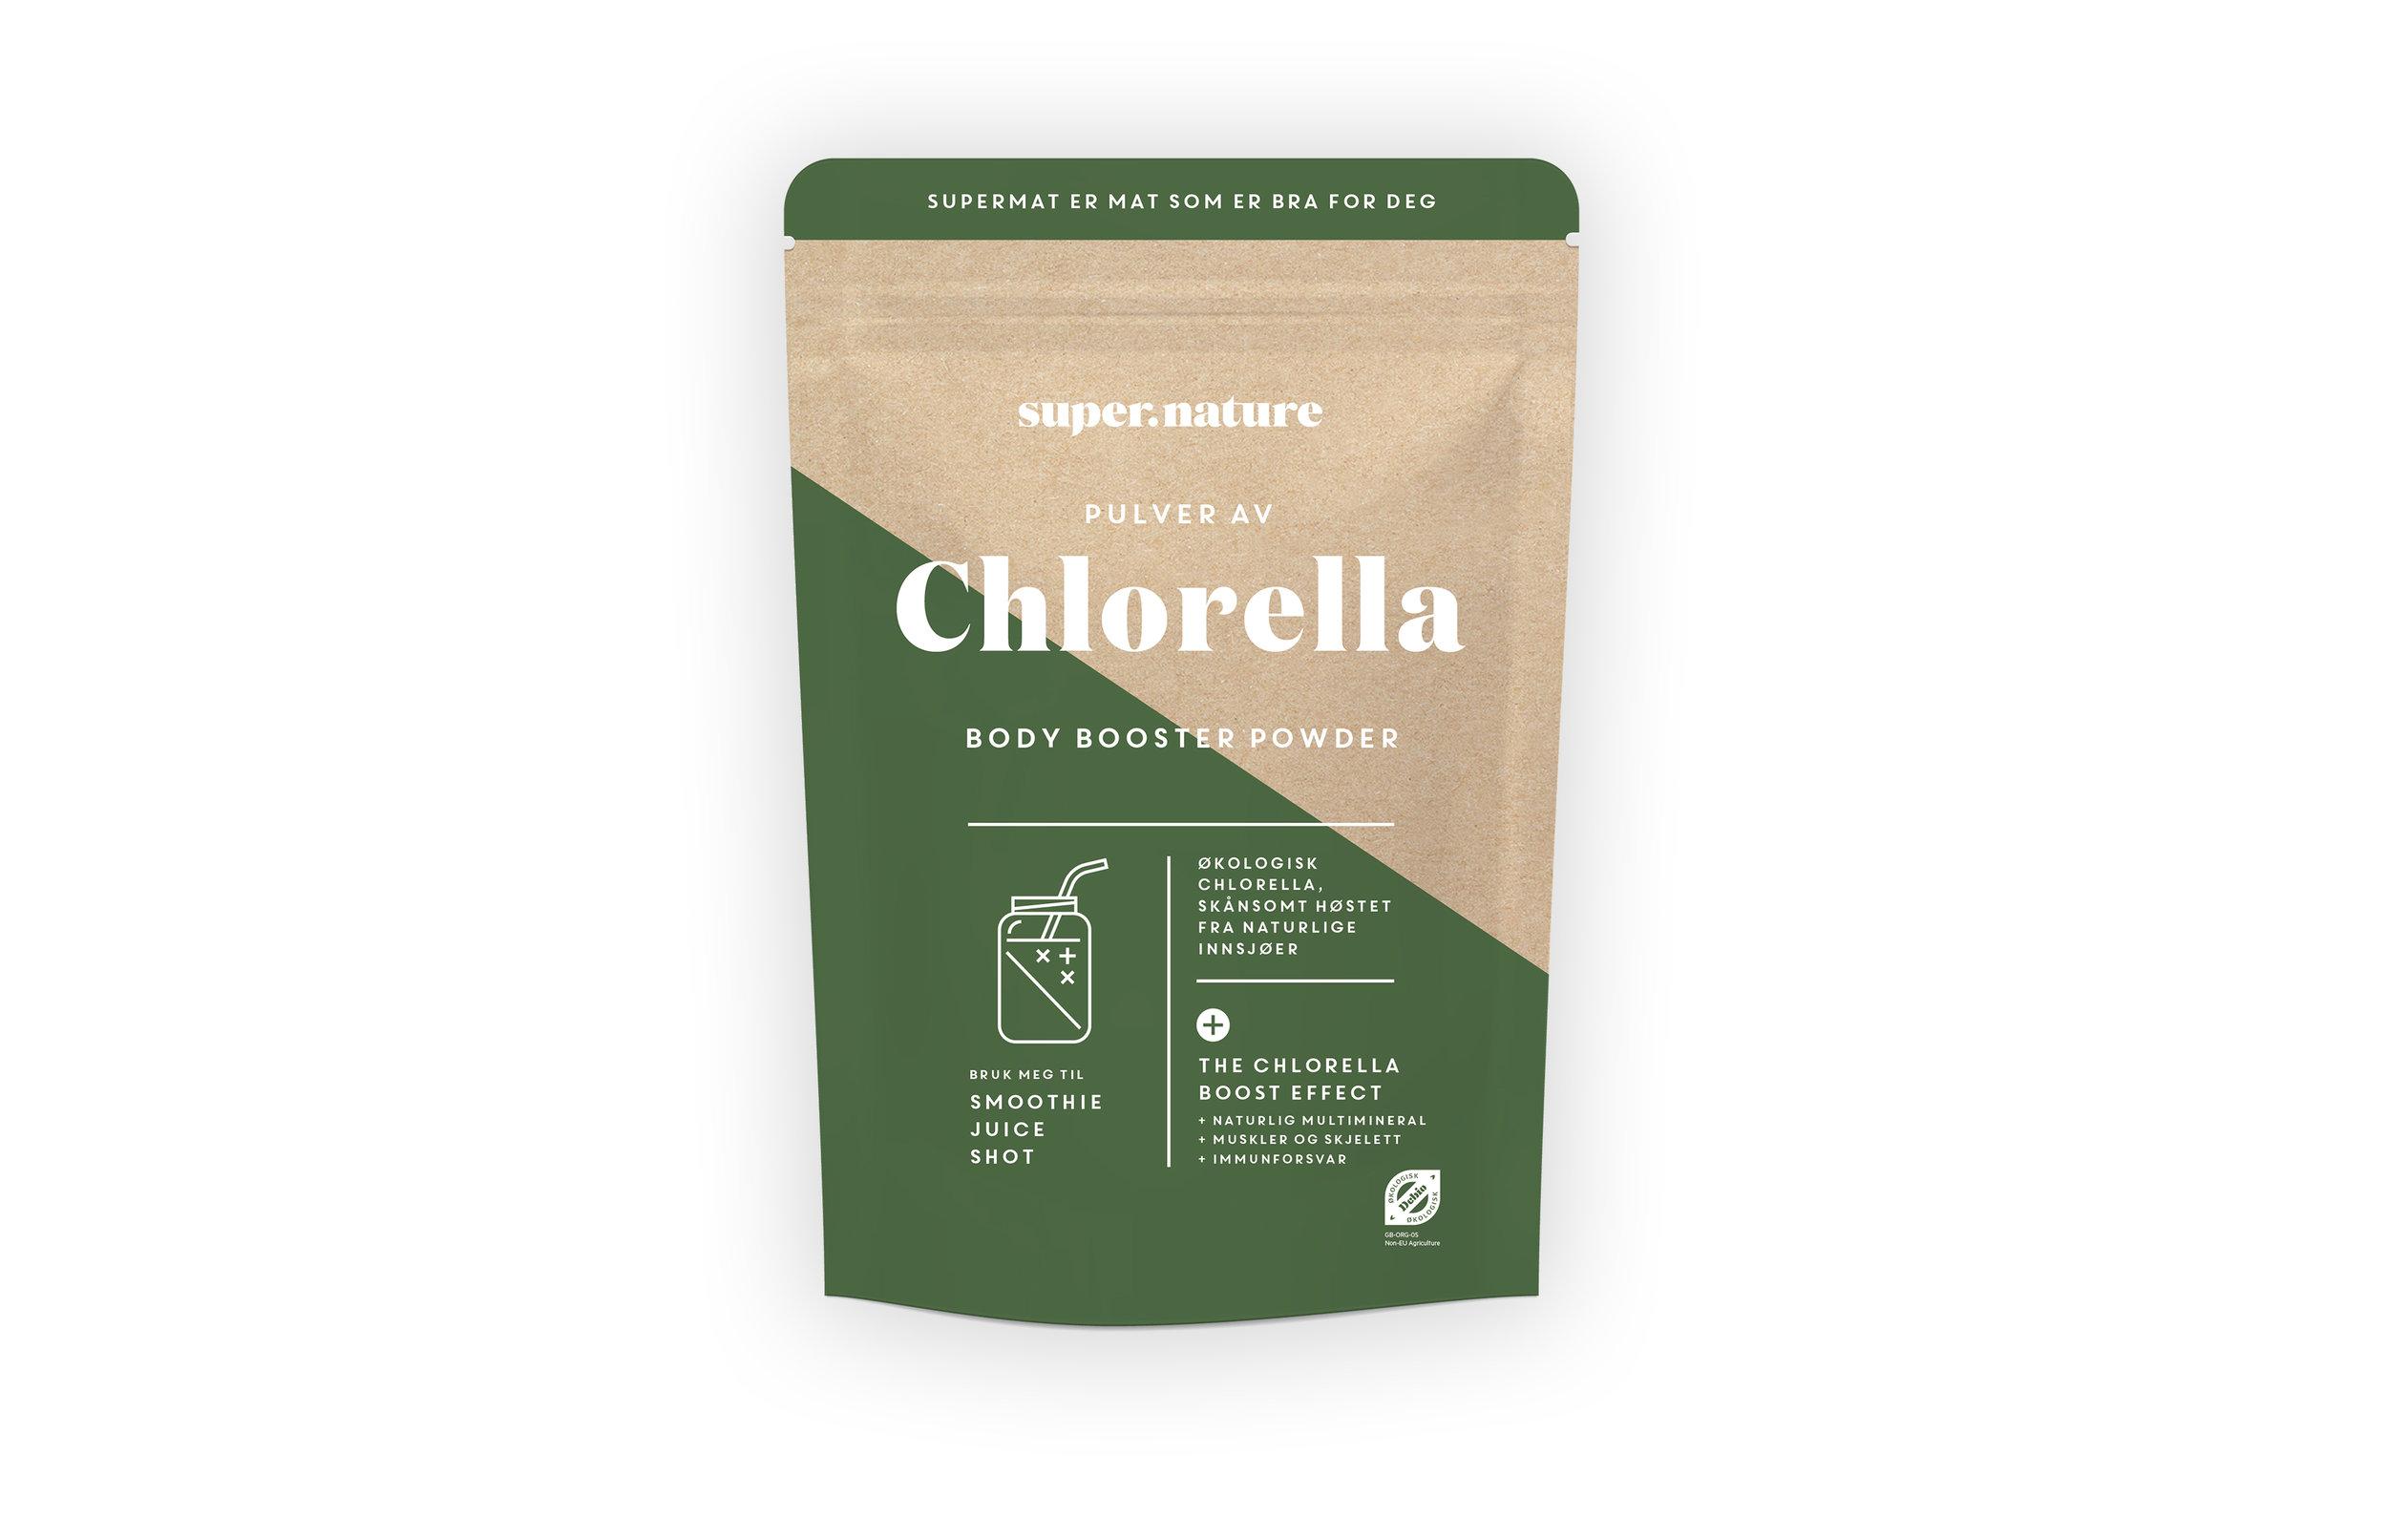 Chlorella pulver.jpg